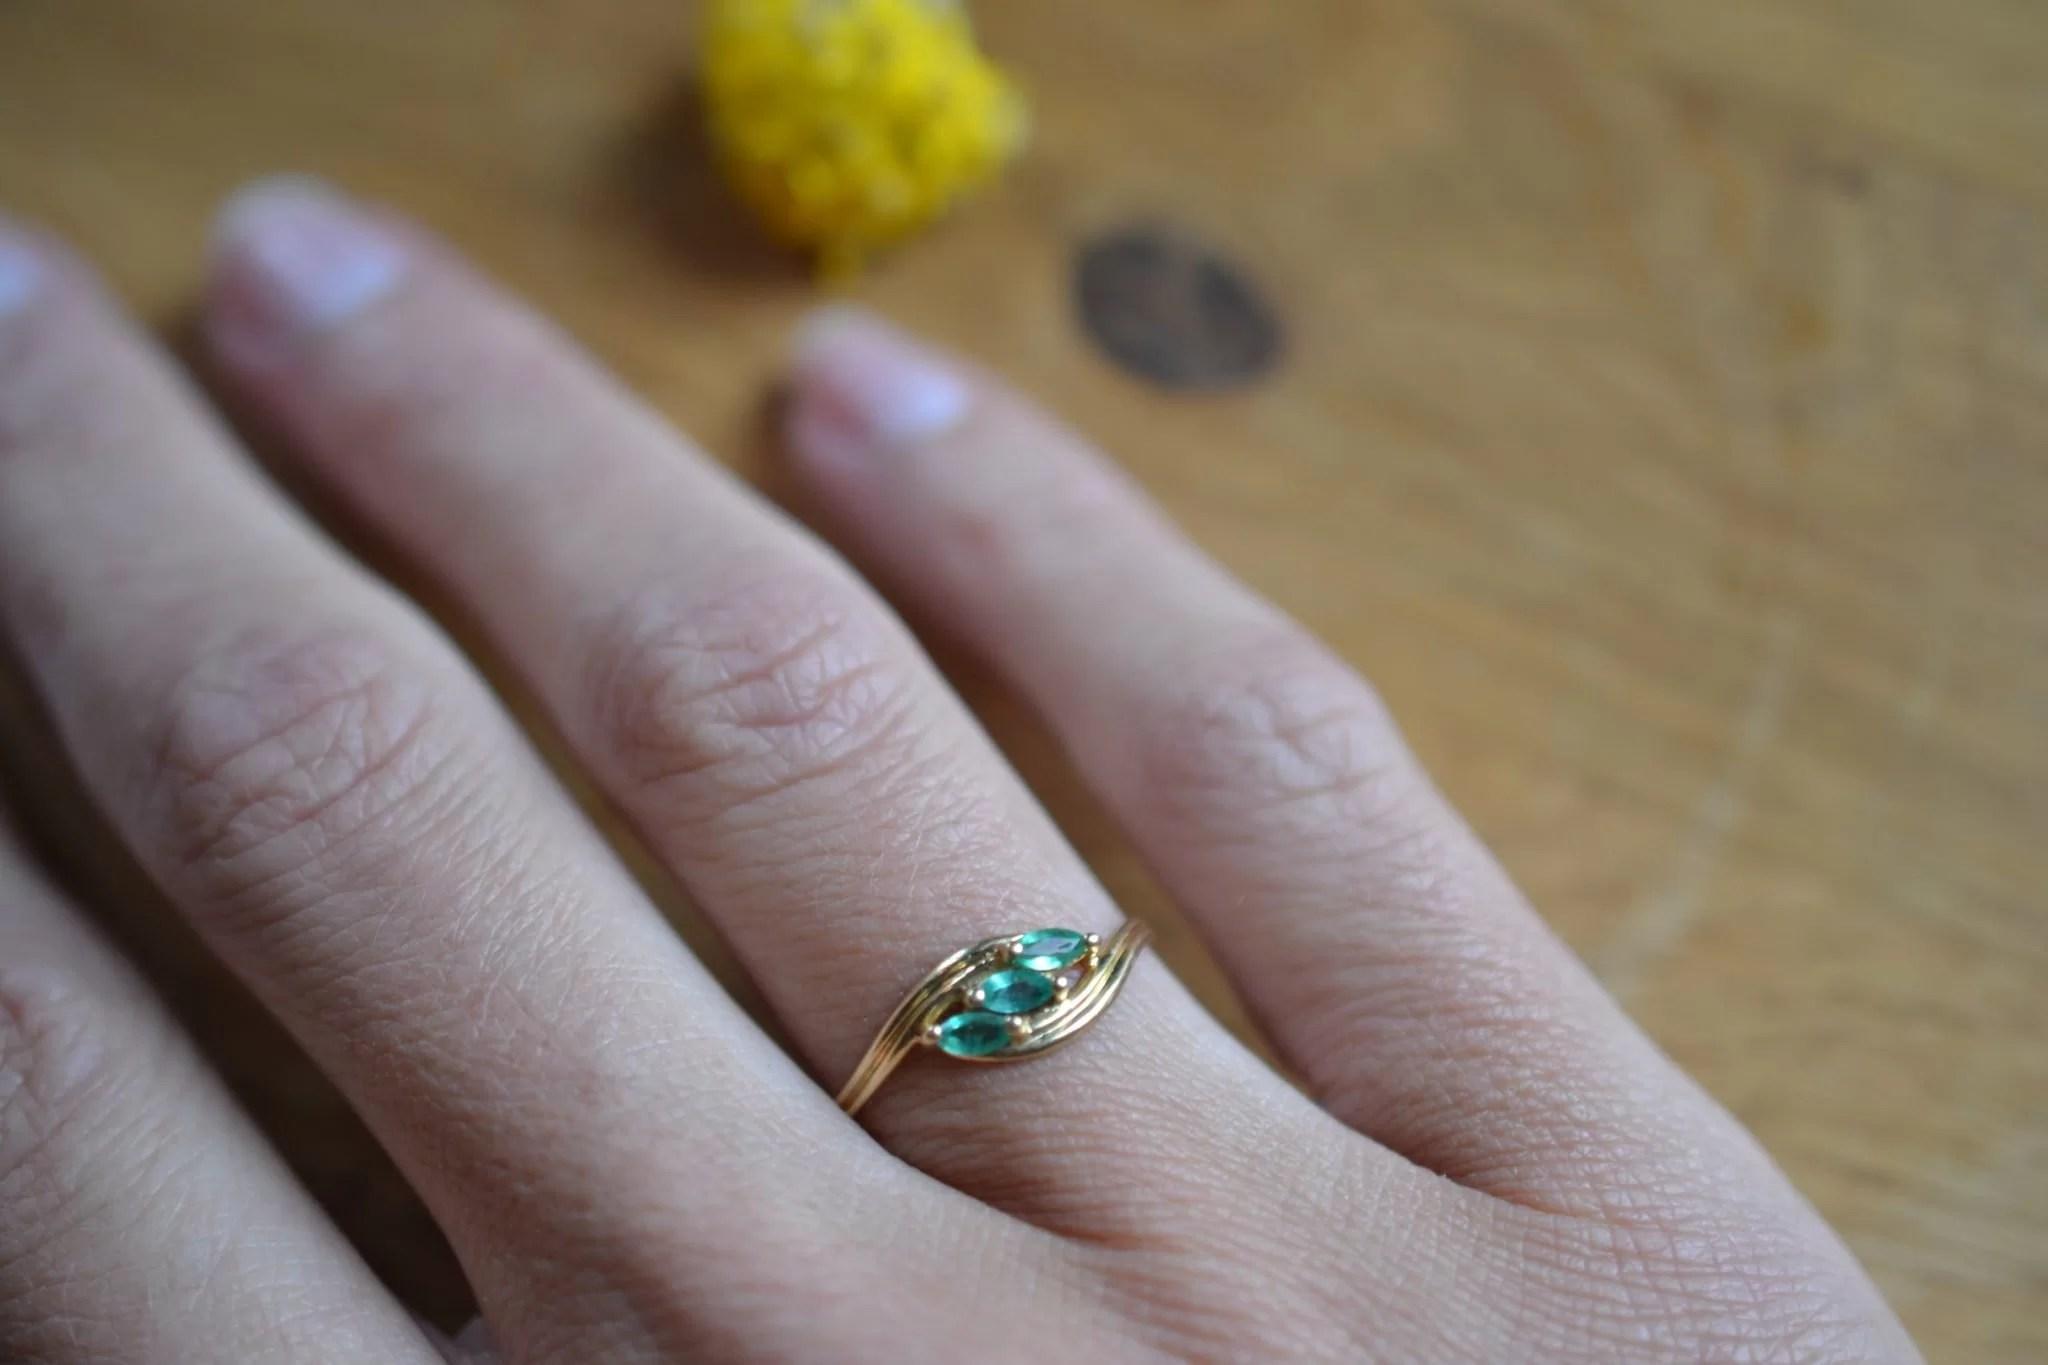 bague vintage ornée de 3 éméraudes - Bijoux anciens - Vintage - bijoux anciens en or